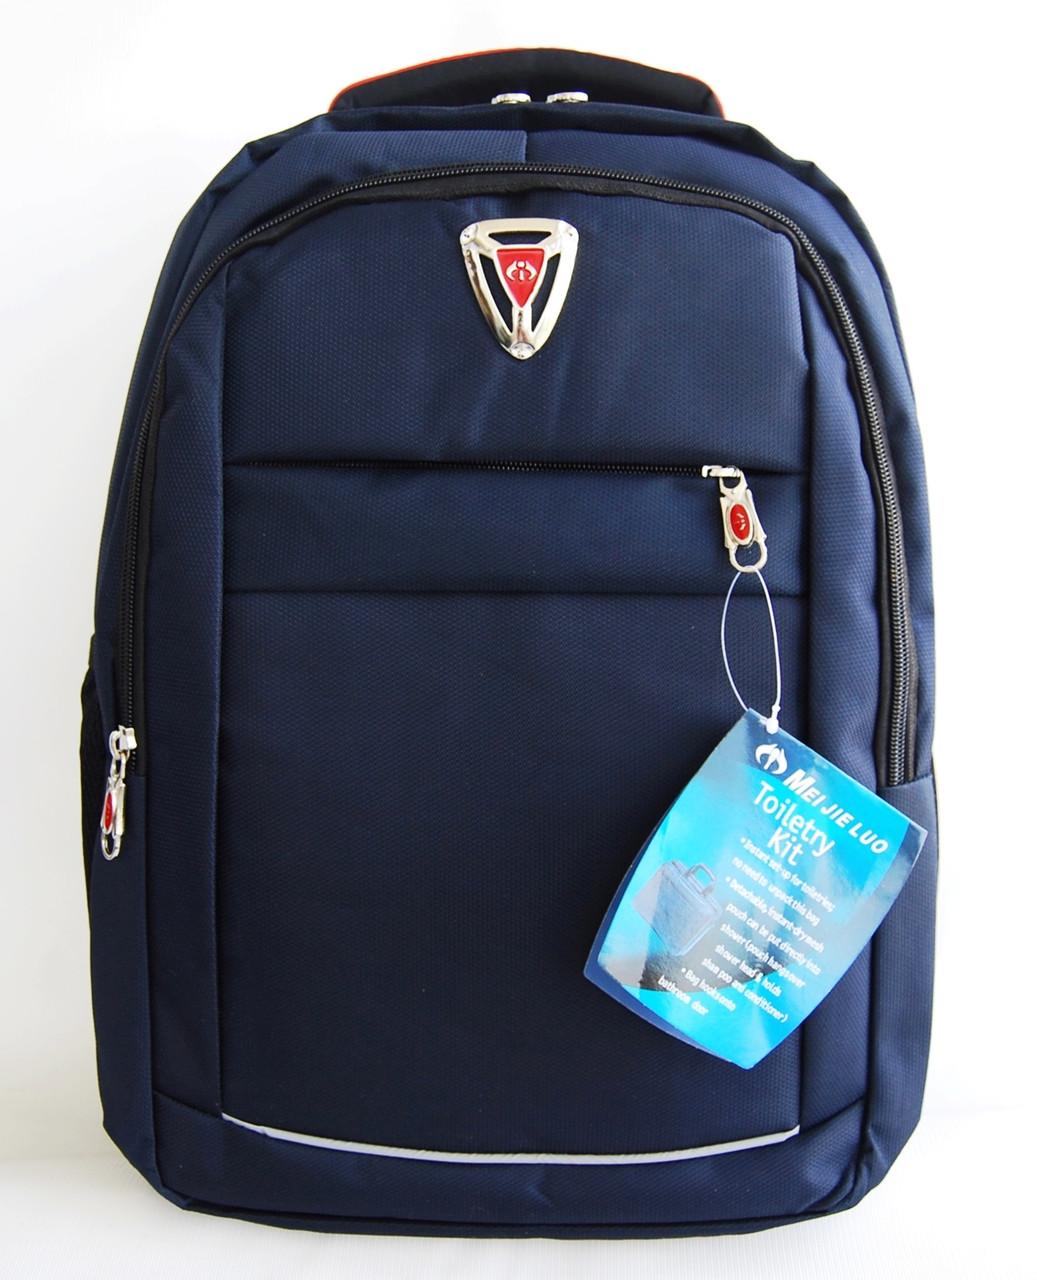 5f5f6a7f0318 Рюкзак под ноутбук. Городской рюкзак. Стильный рюкзак. Молодёжный рюкзак. Интернет  магазин рюкзаков